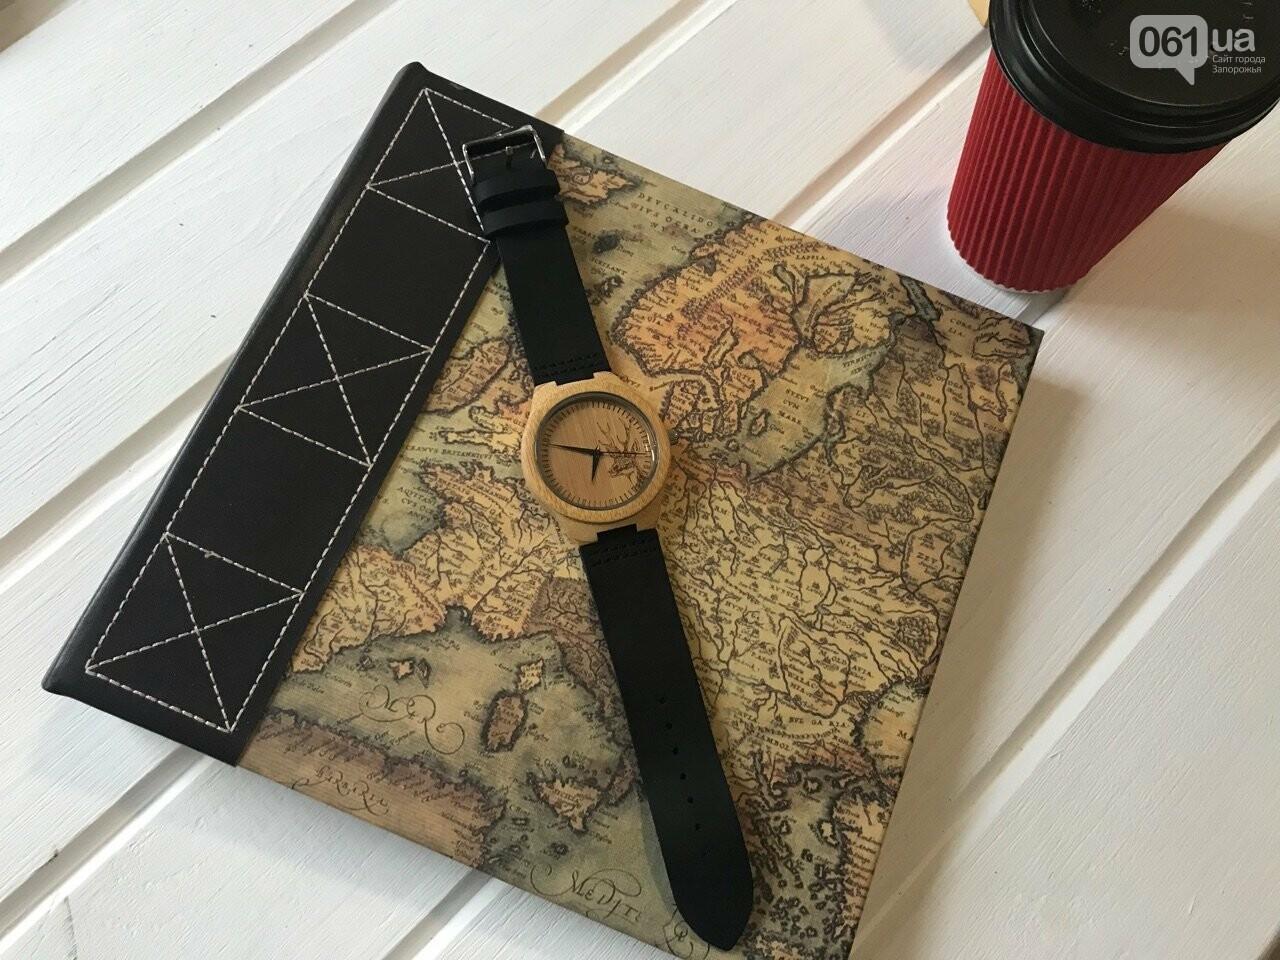 Лучший подарок! Наручные часы из 100% натурального дерева, фото-1